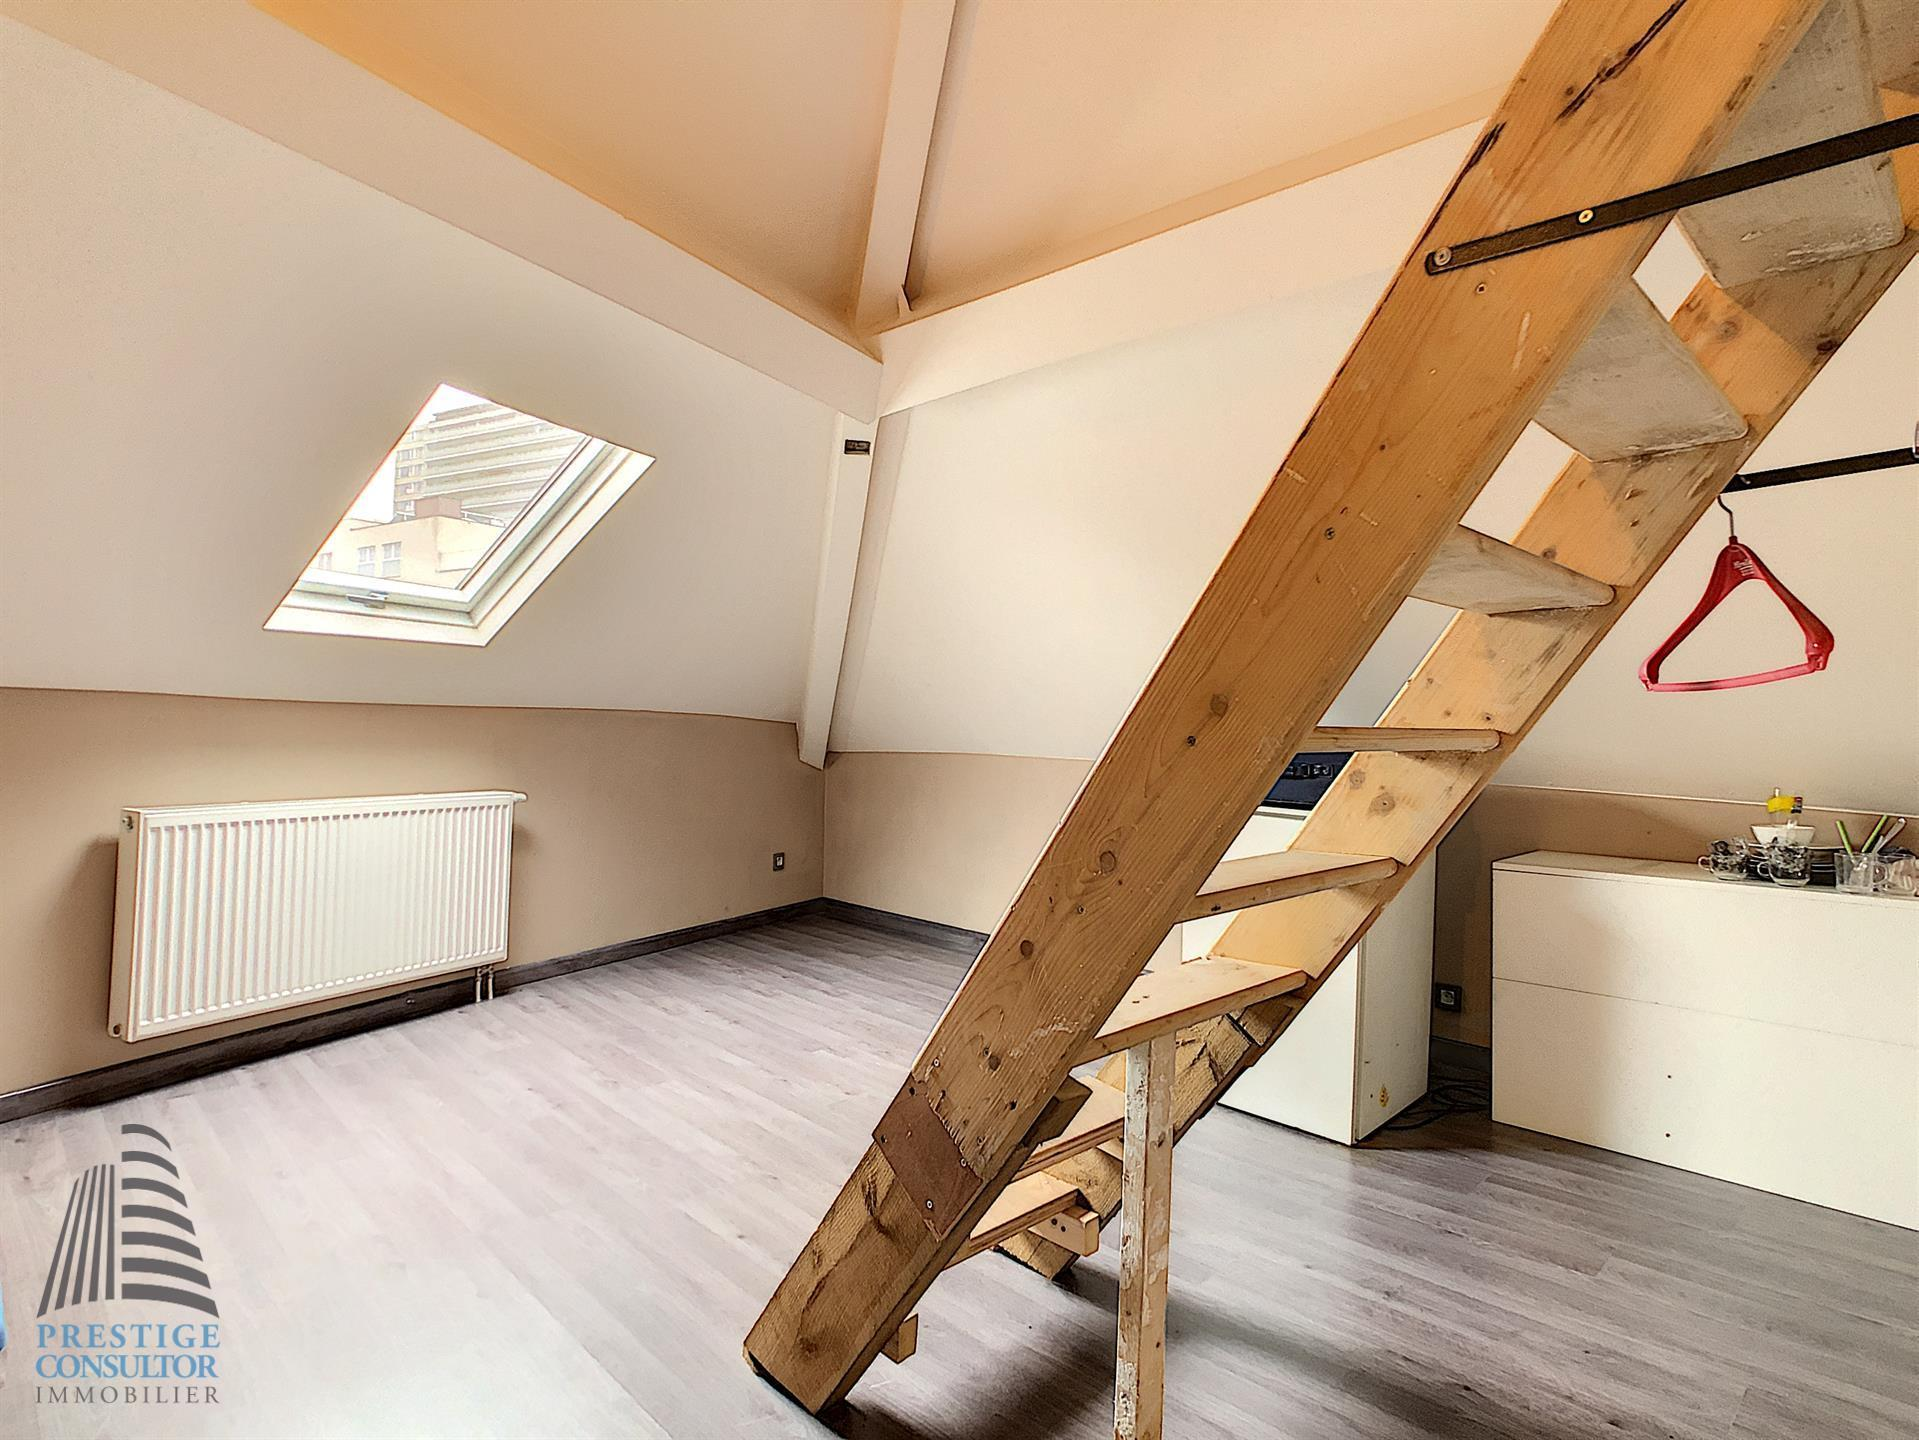 Duplex - Grimbergen - #3942270-5